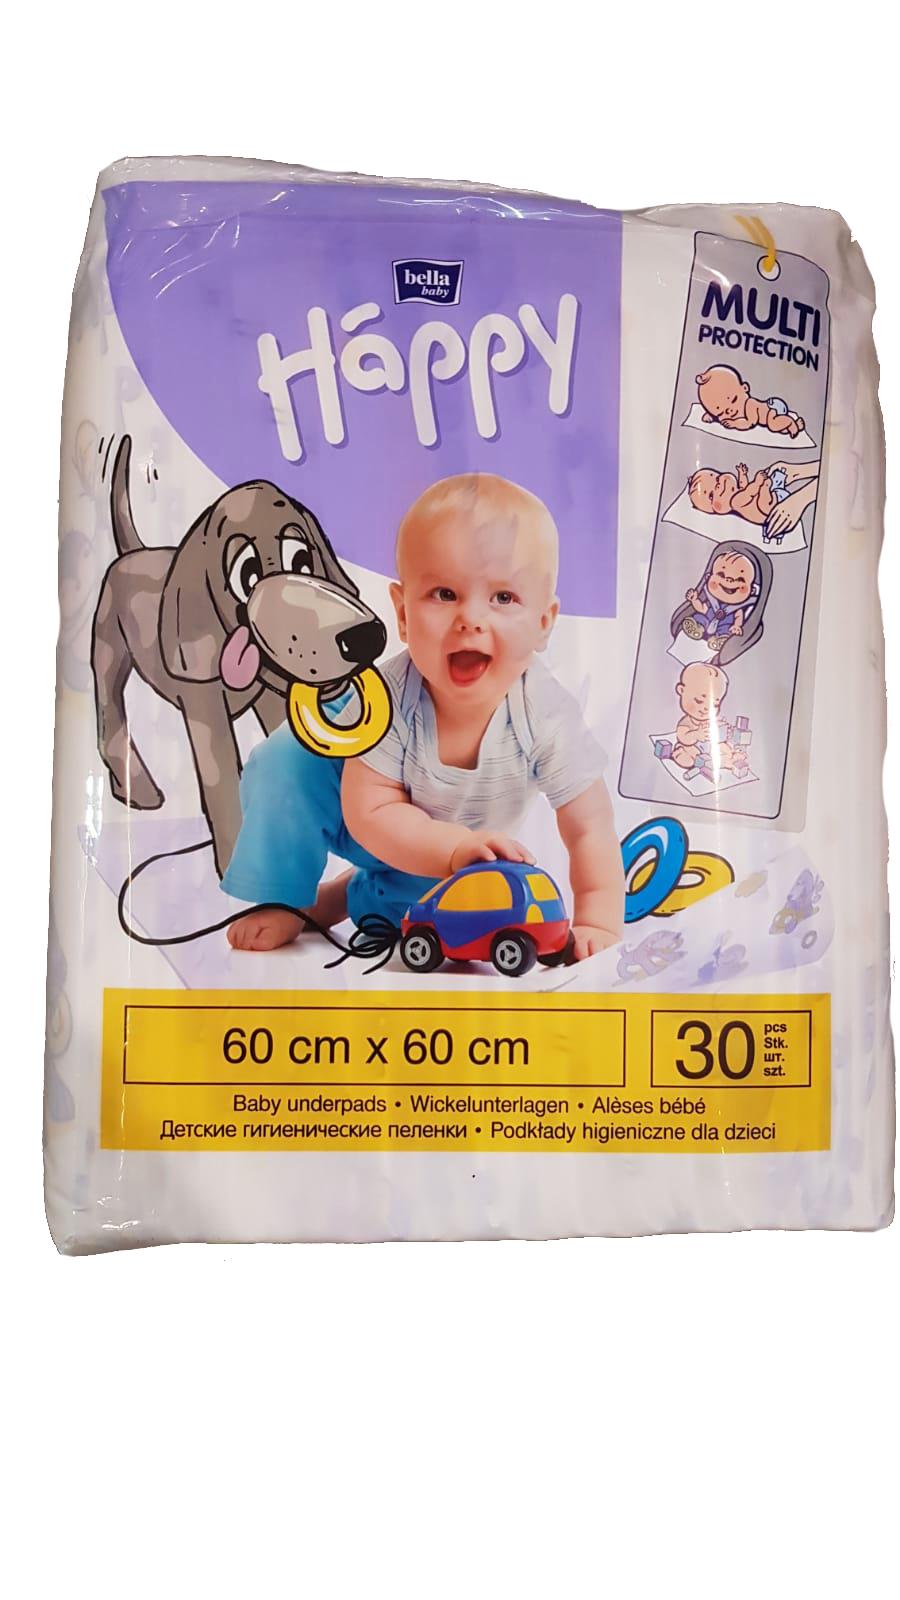 Bella Happy hygienické podložky 60 x 60 cm 30 ks